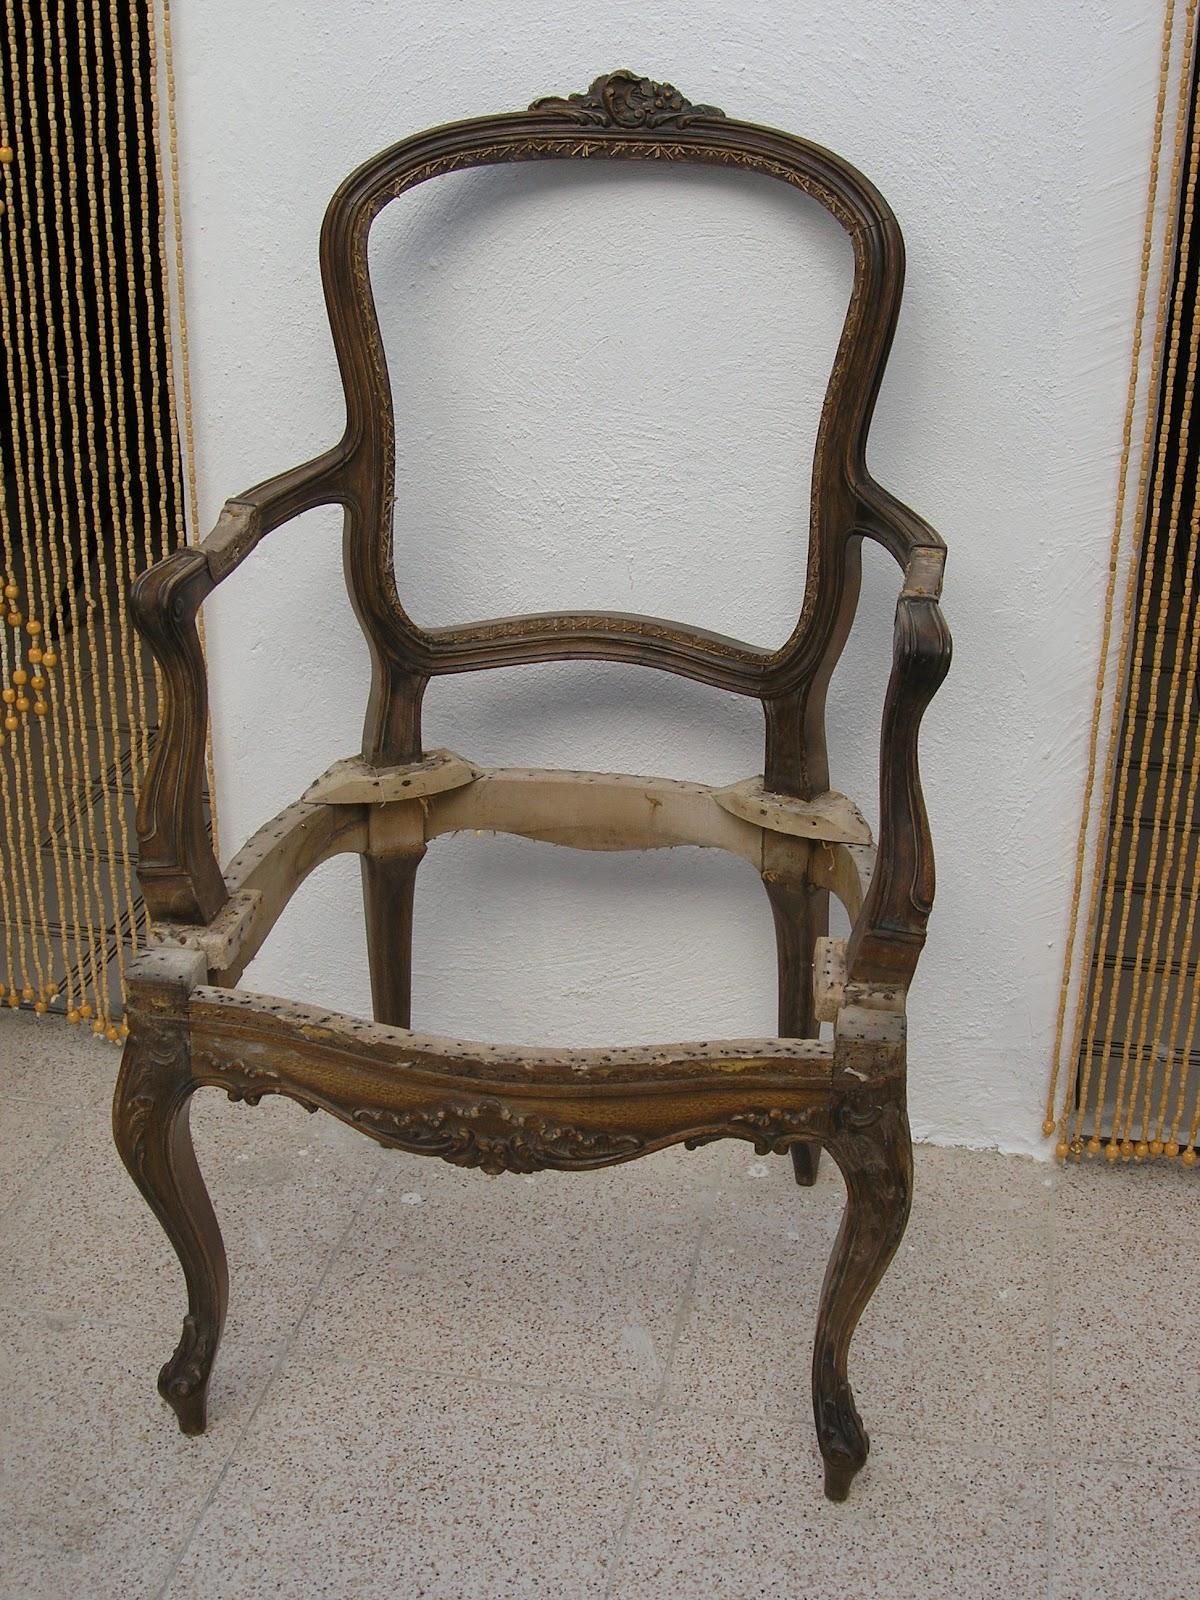 Restauraci n de antiguedades mueble de asiento sillon - Sillones para restaurar ...